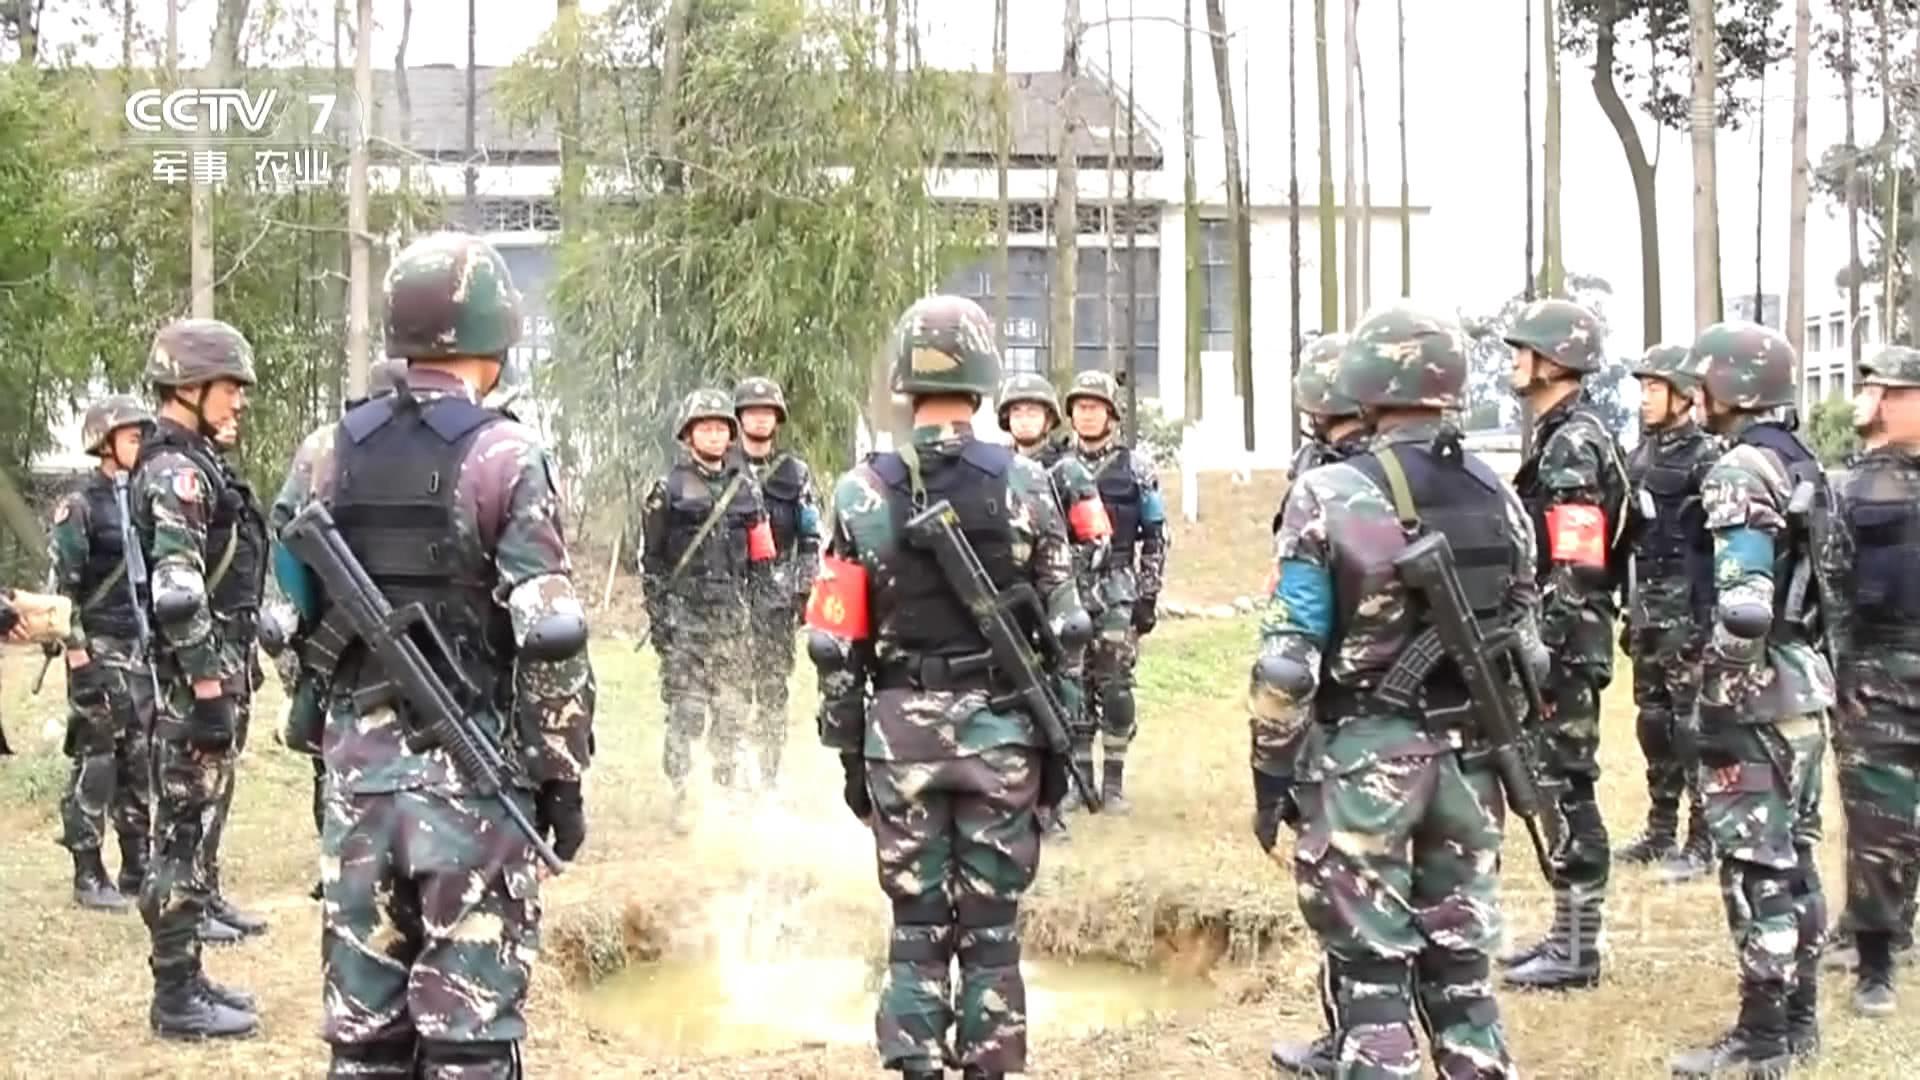 国际雇佣兵组织_国际雇佣兵组织中,为什么没有中国特种兵的身影?居然